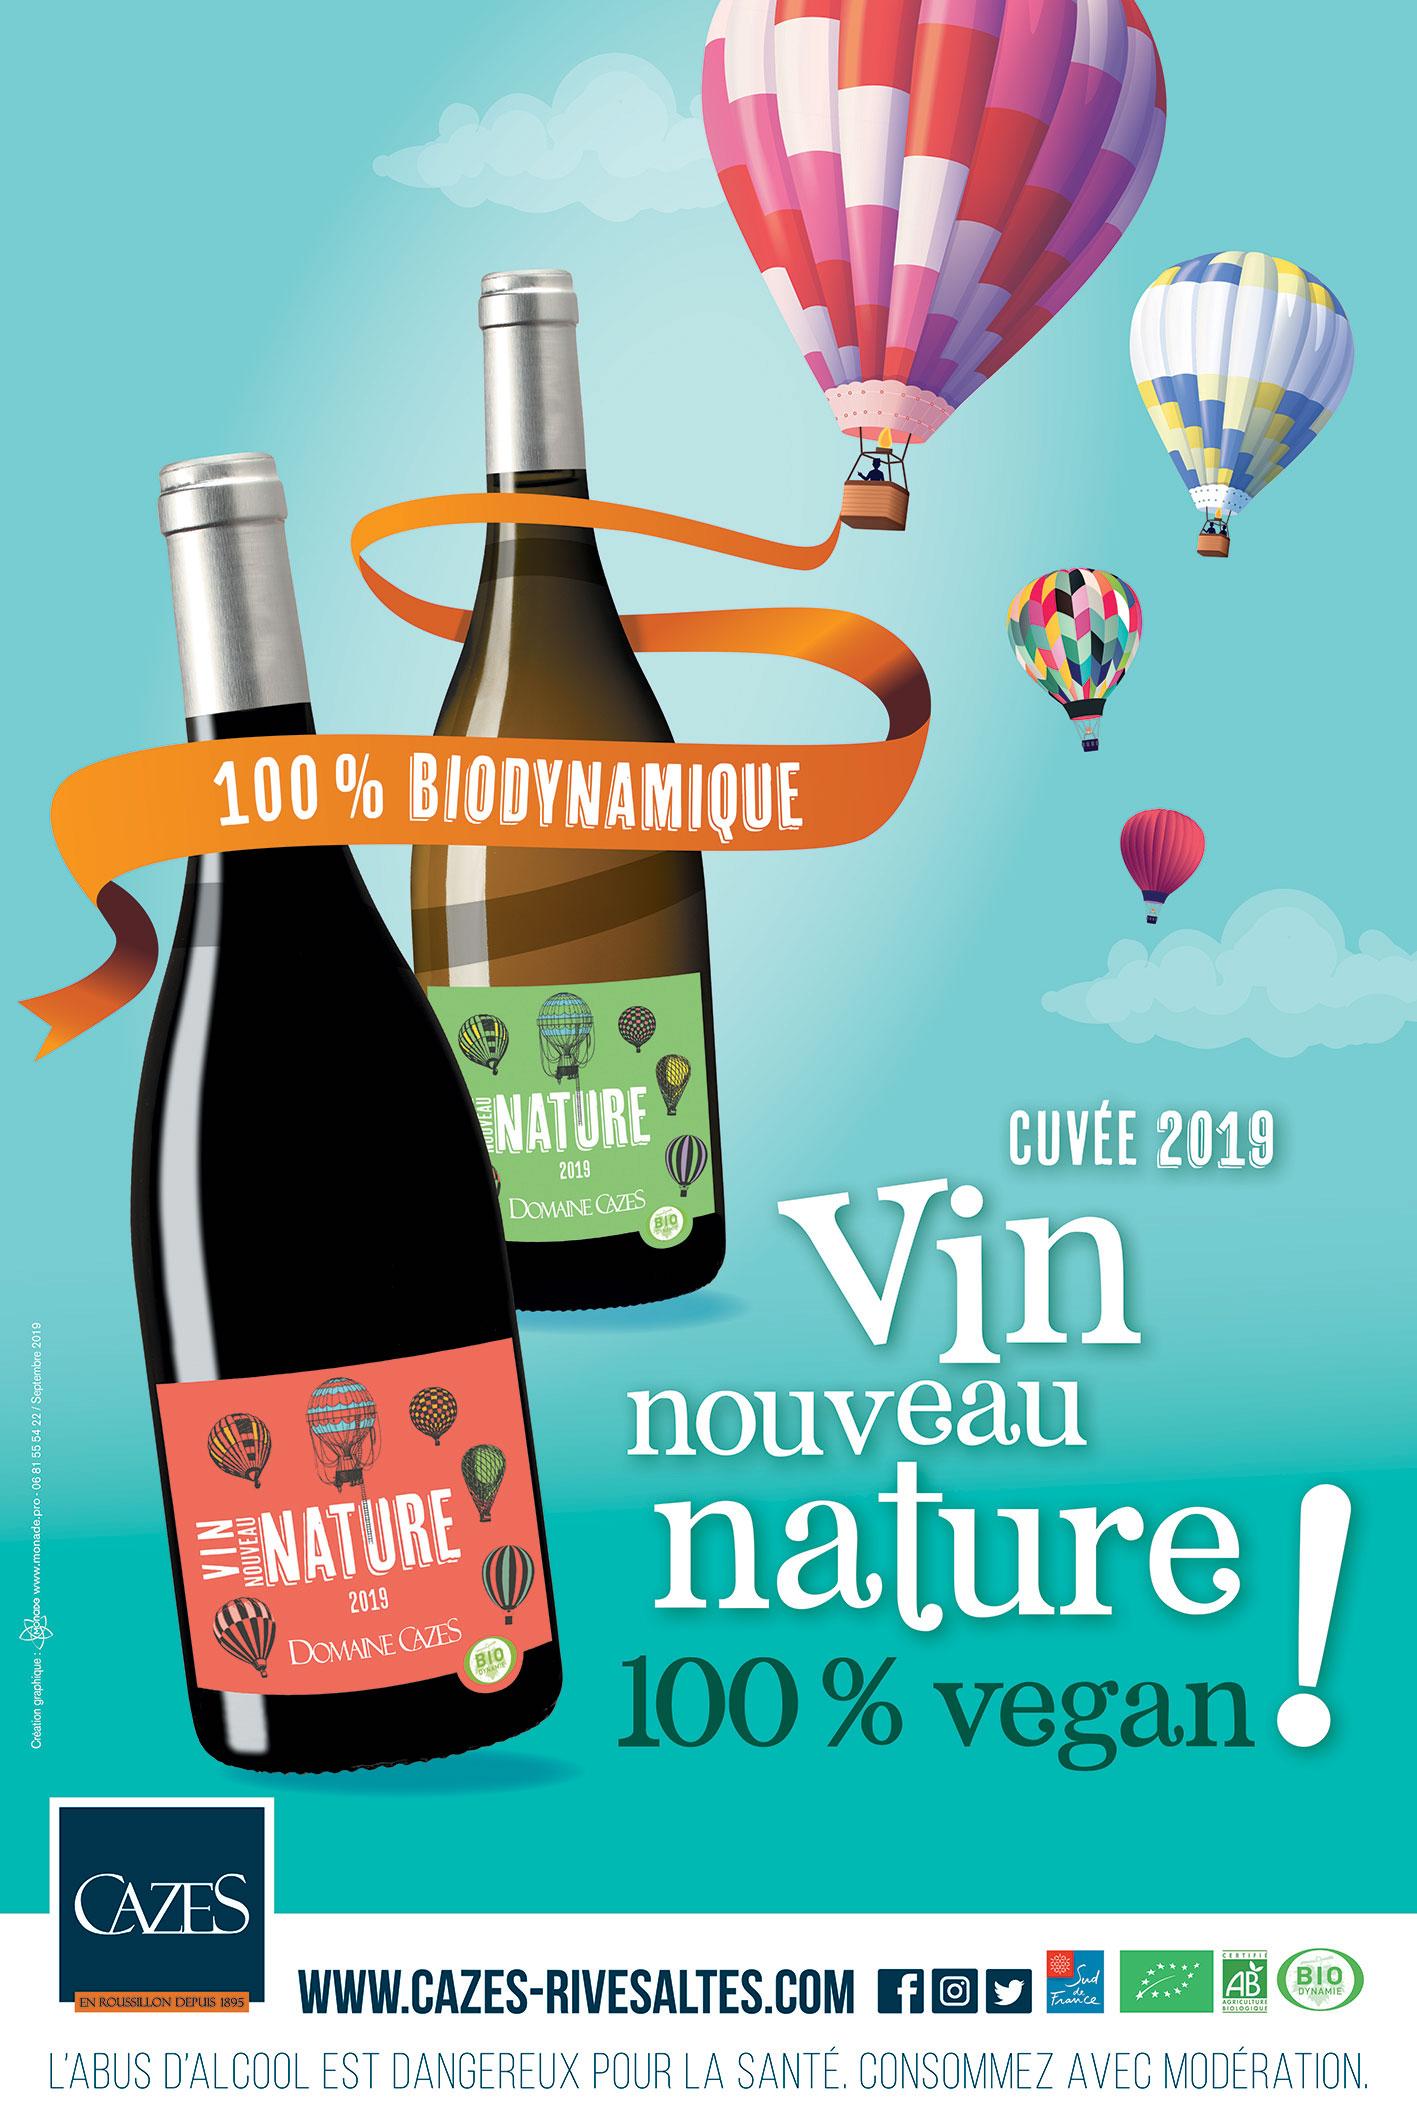 affiche-CAZES-vin-nouveau-02-72dpi.jpg